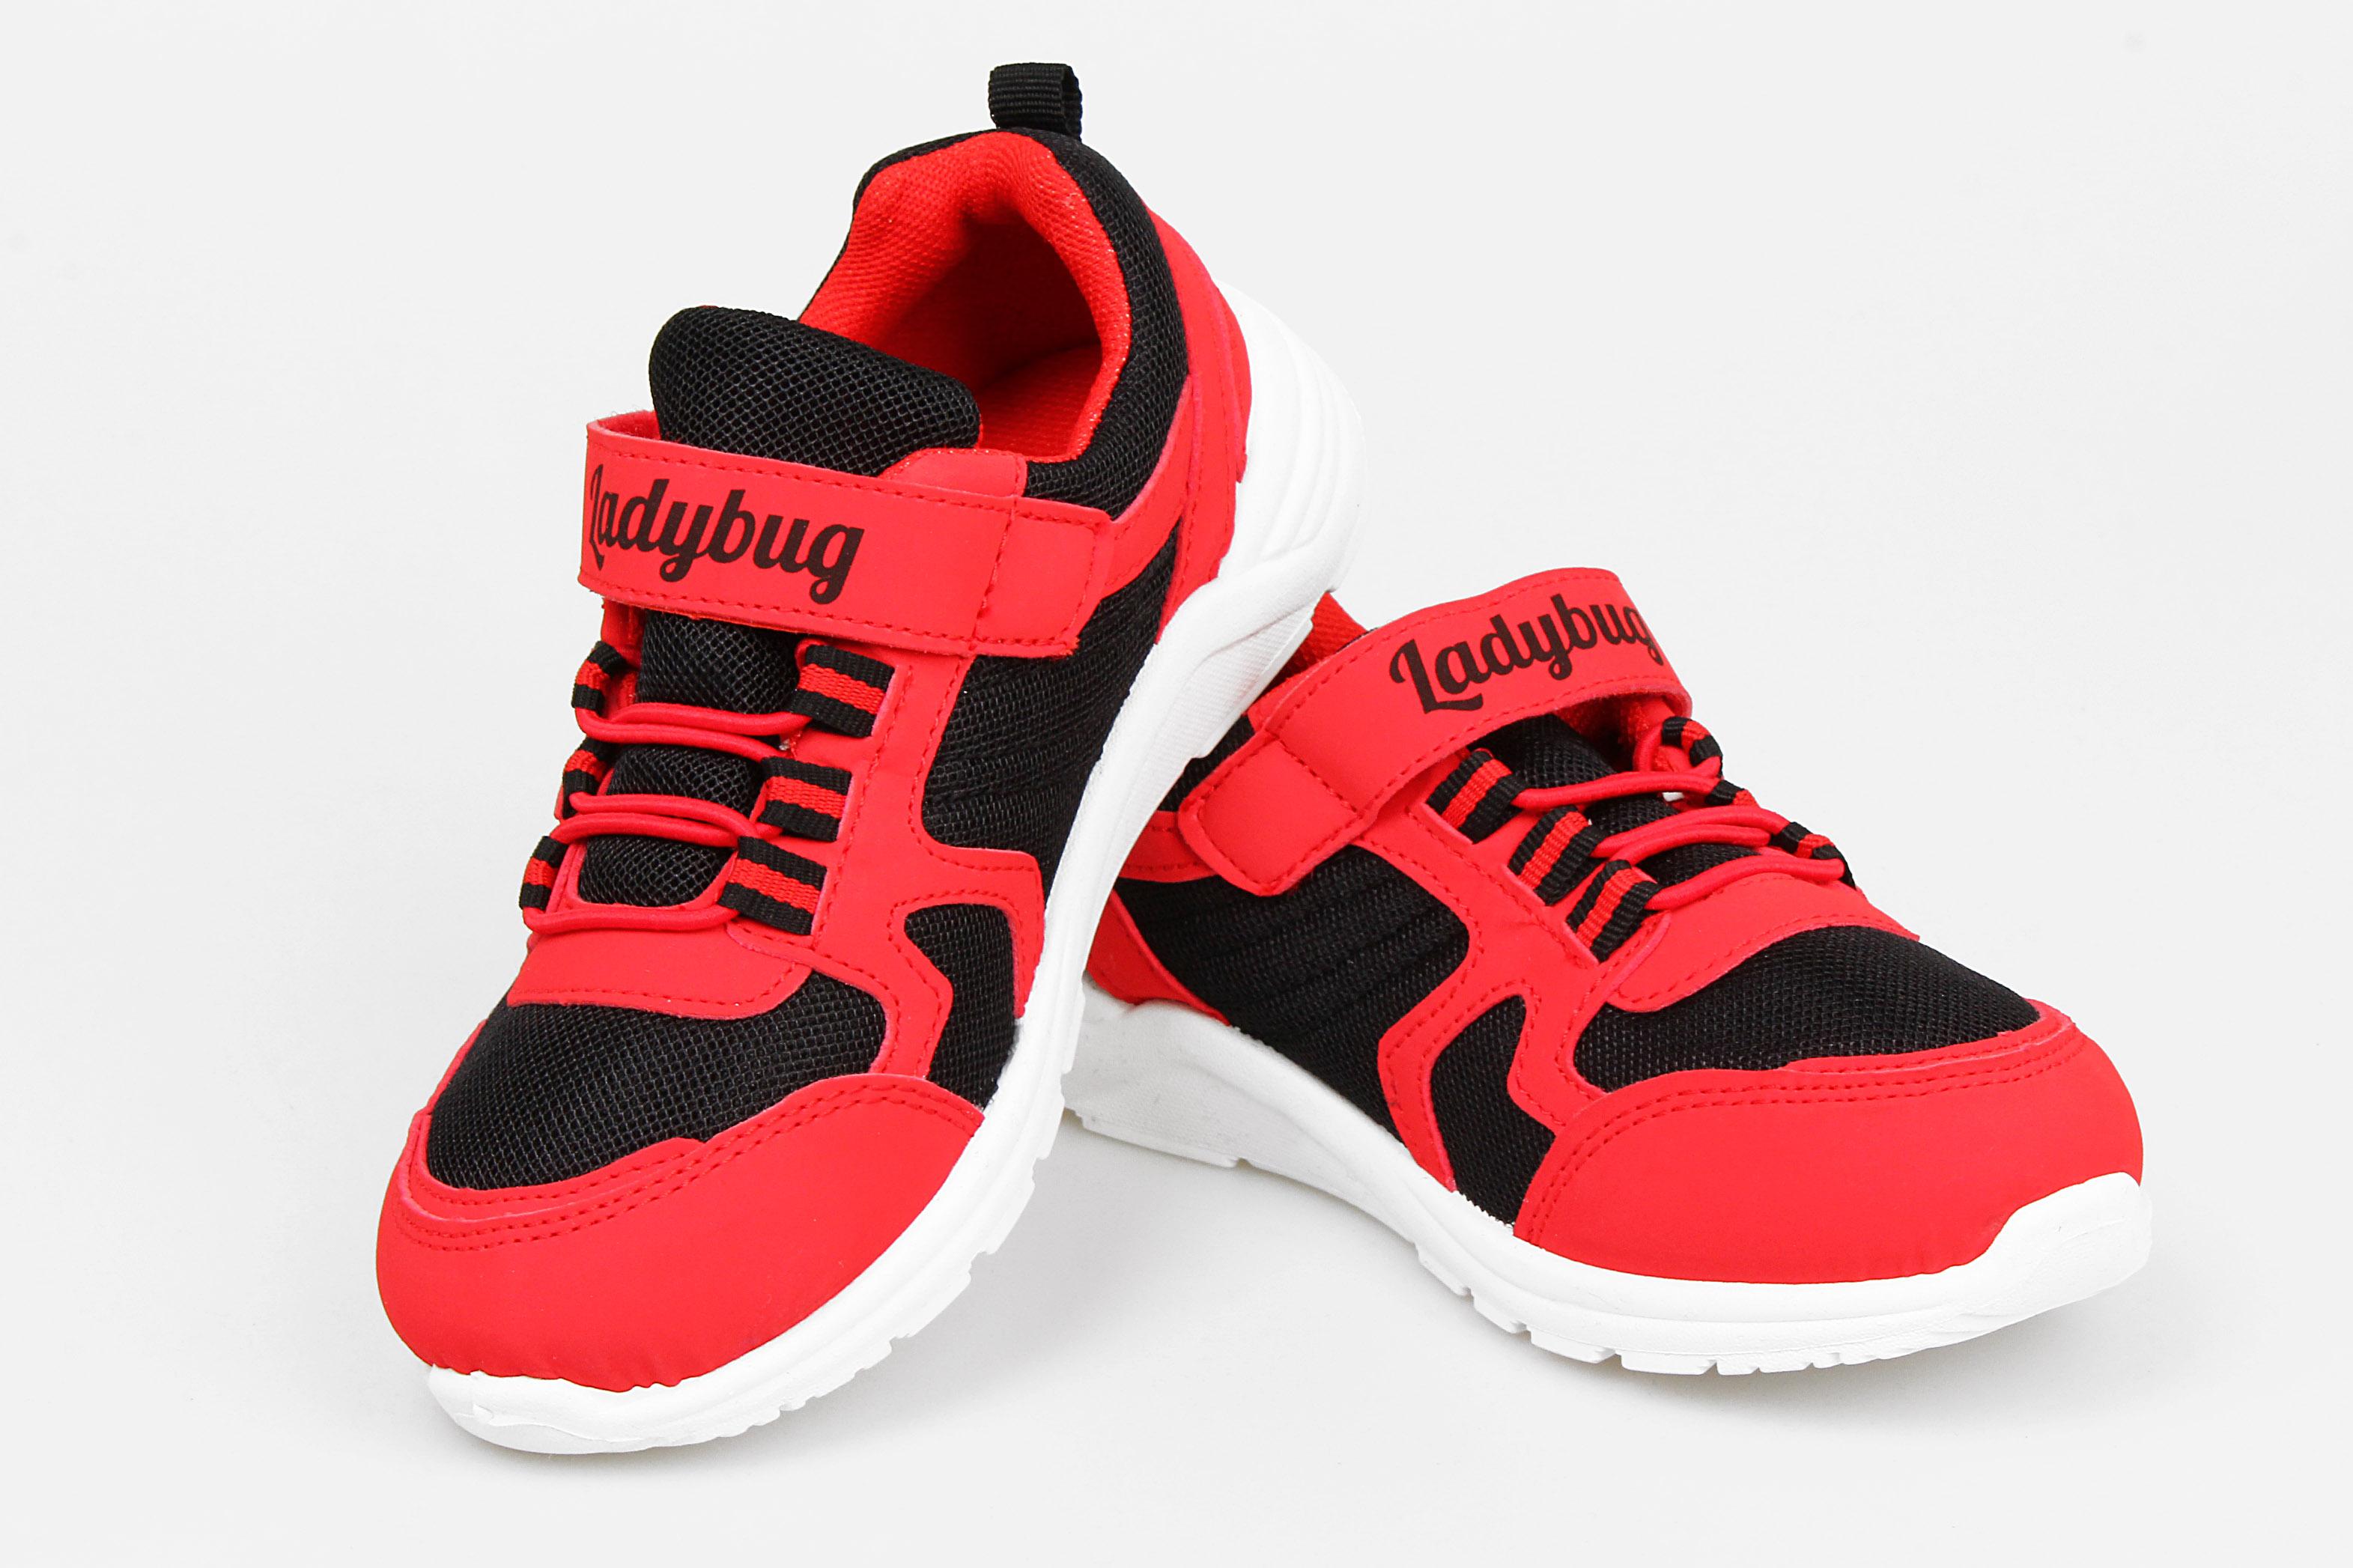 Dívčí obuv LADY BUG (26-33) sleva o 30% 77e096ace6